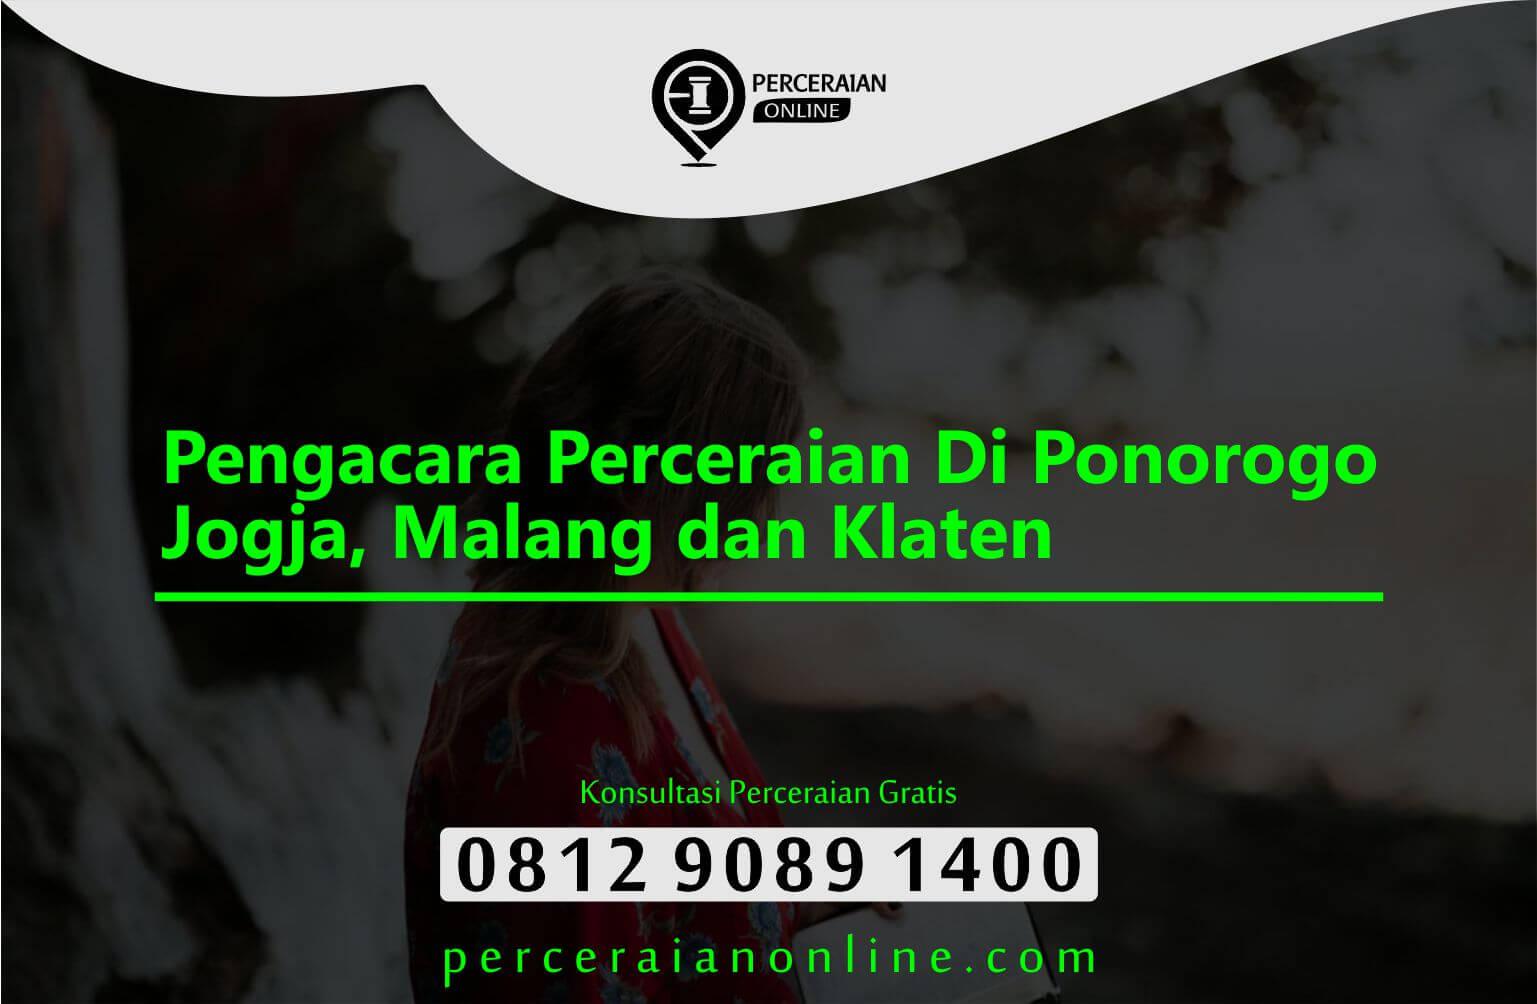 Pengacara Perceraian Di Ponorogo, Jogja, Malang Dan Klaten